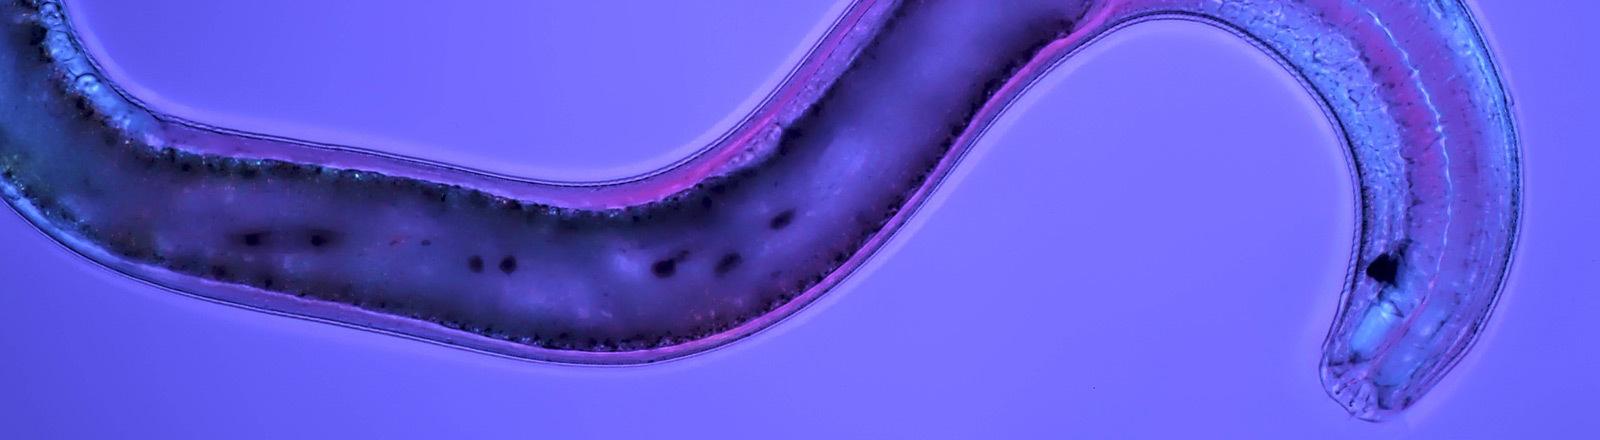 Fadenwurm, Nematode